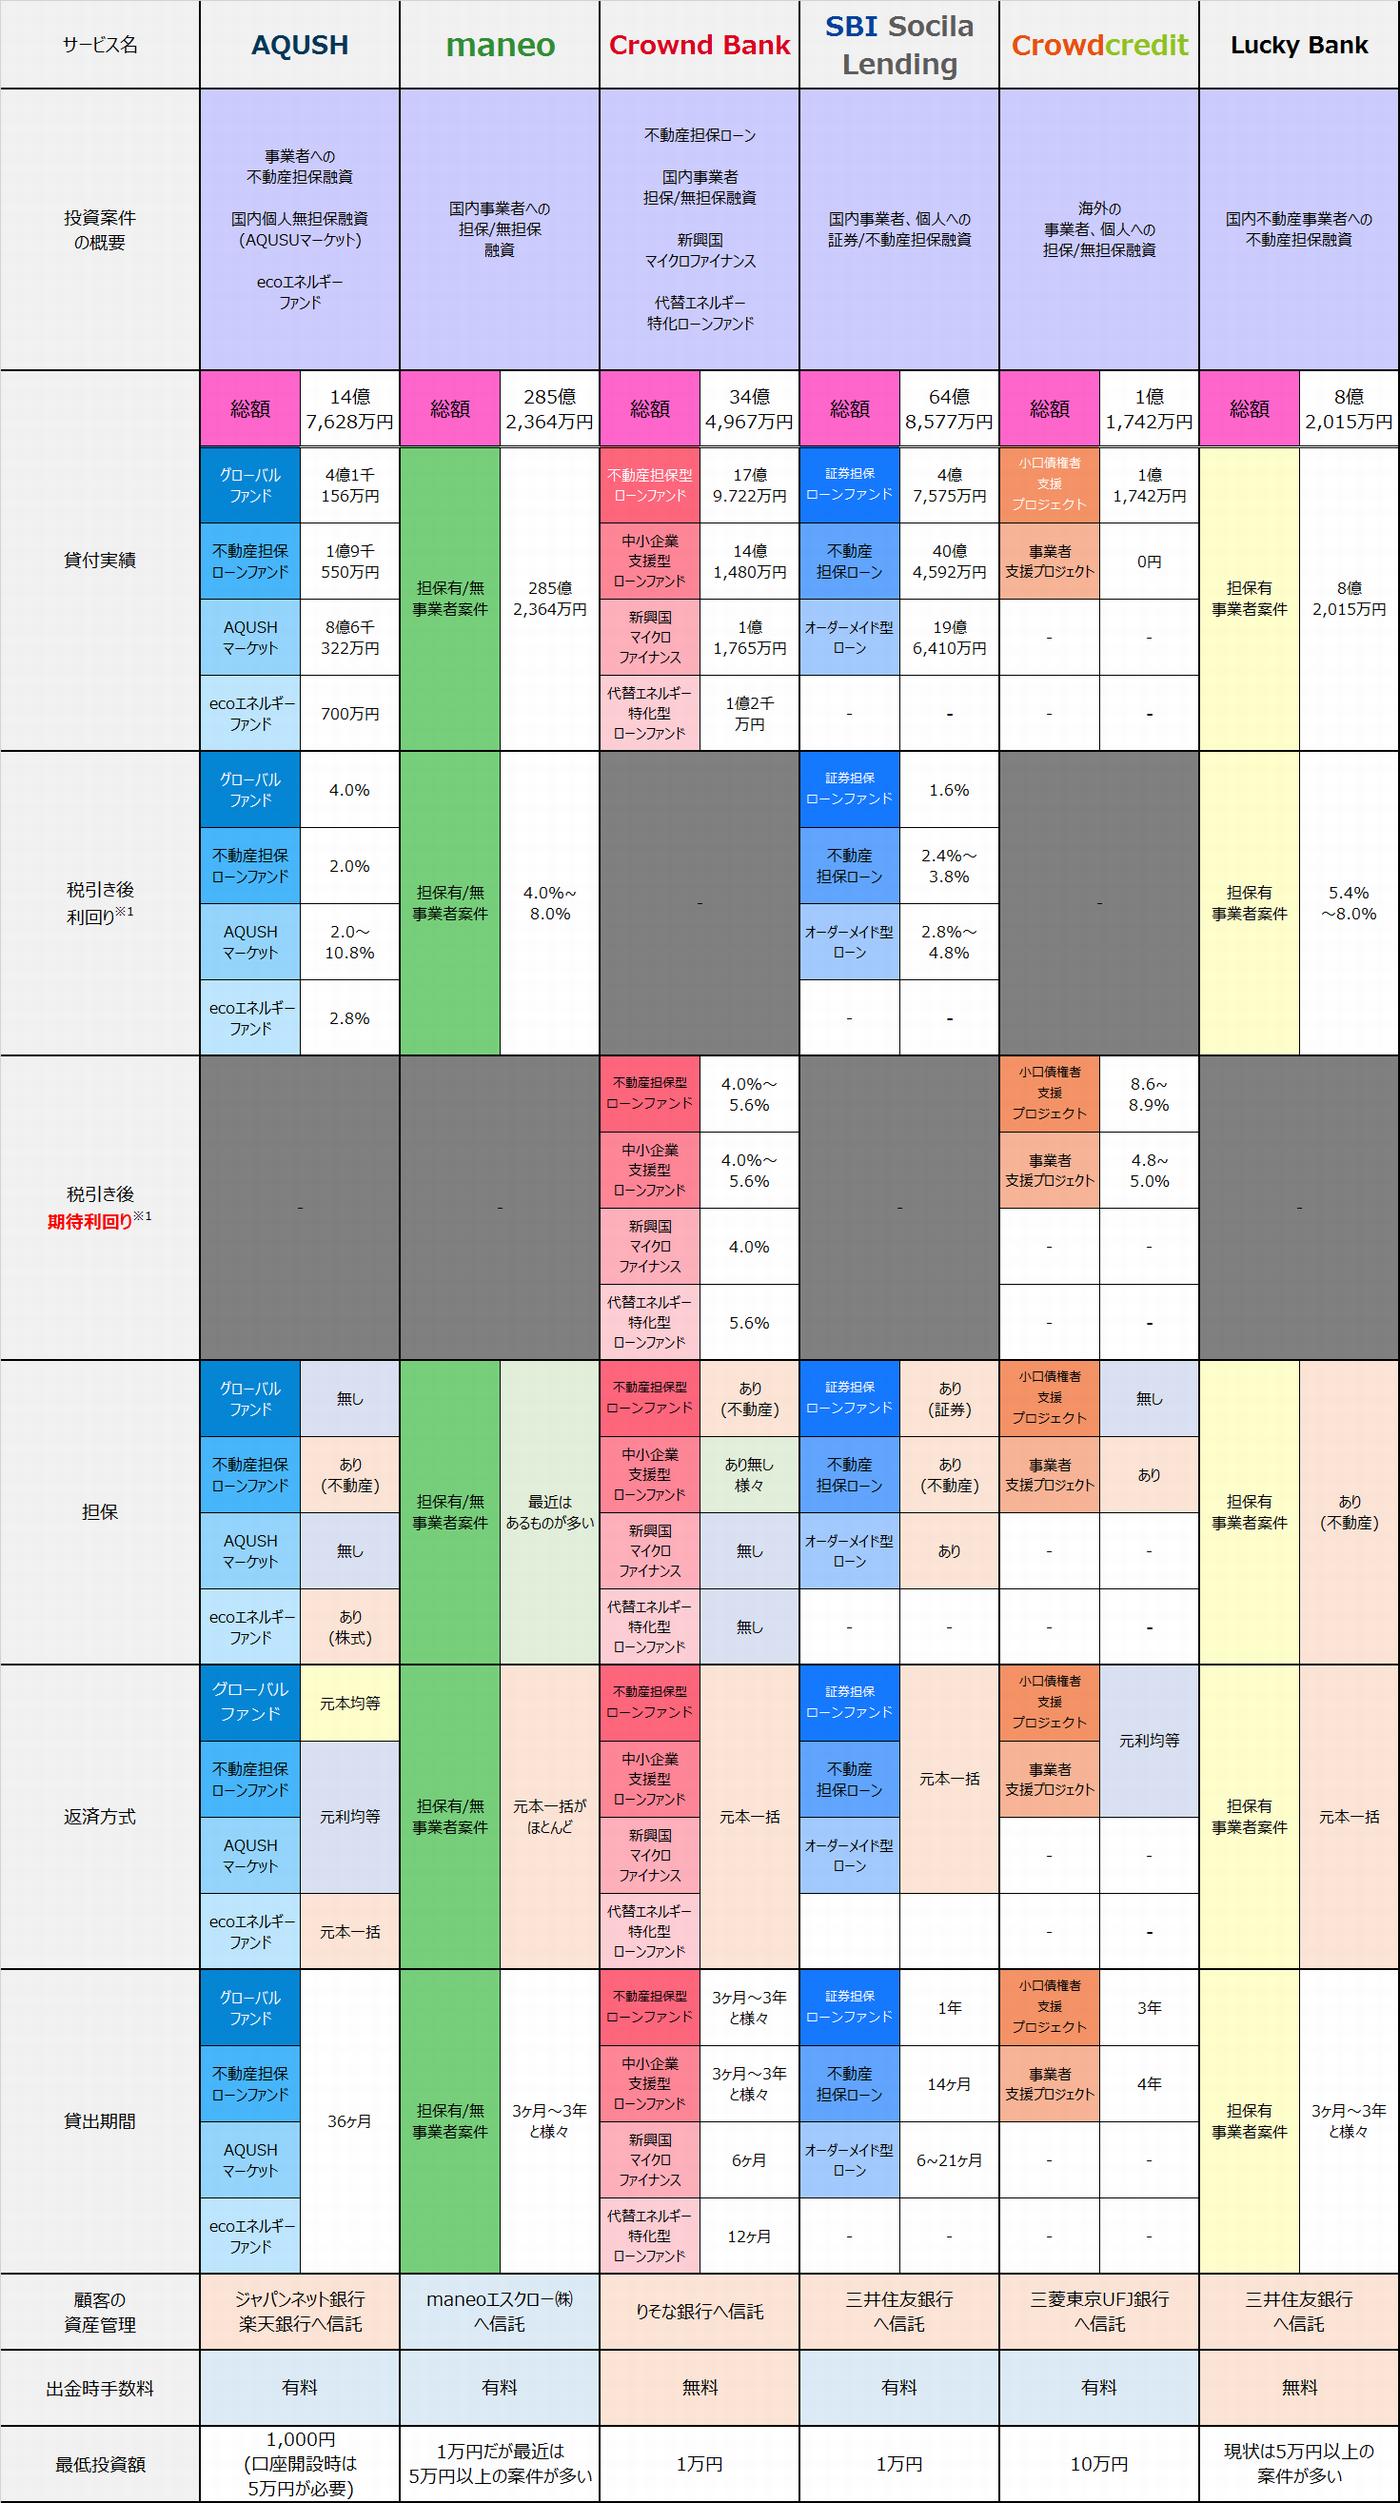 2015年6月時点ソーシャルレンディングサービス提供案件比較